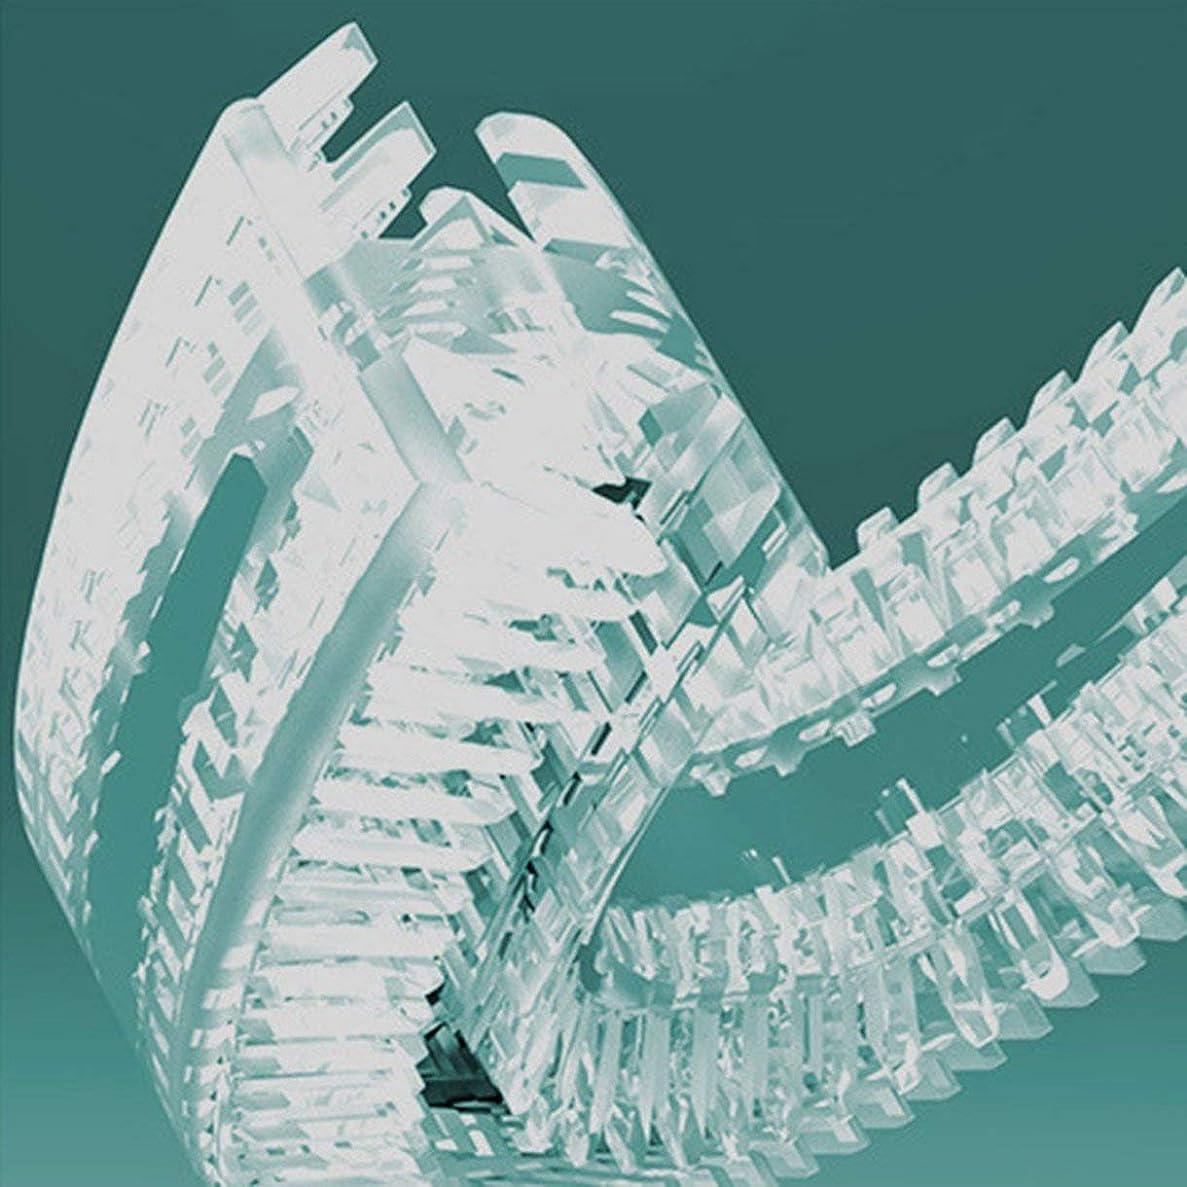 閉じ込める歴史的接地V-white 360 Intelligent Automatic Sonic Electric Toothbrush U Type USB Rechargeable Oral Teeth Silicone brush head toothpaste